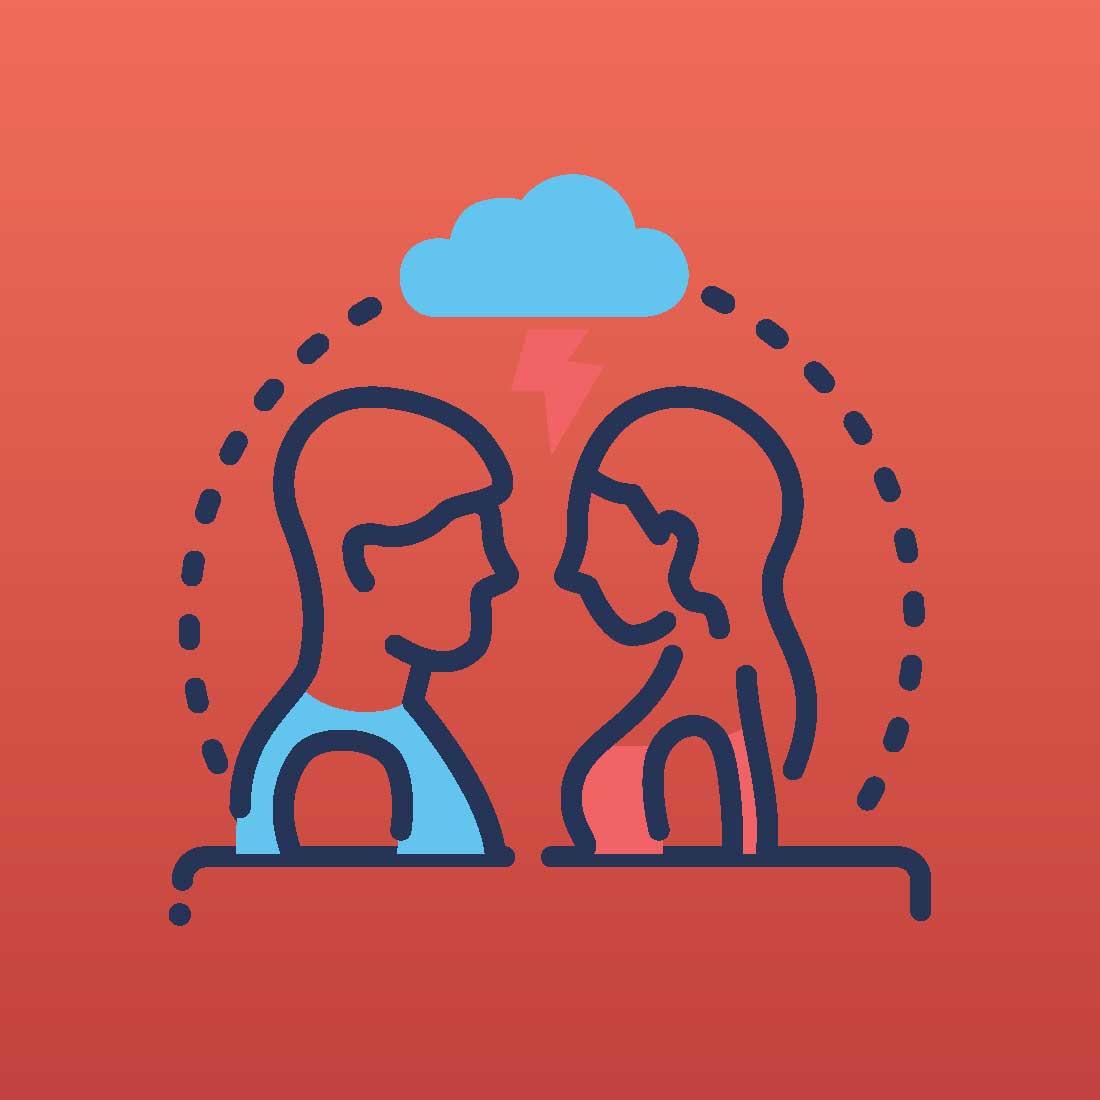 טיפול מיני | בשביל הזוגיות | נוגה ואריאל טמיר | טיפול זוגי טיפול מיני